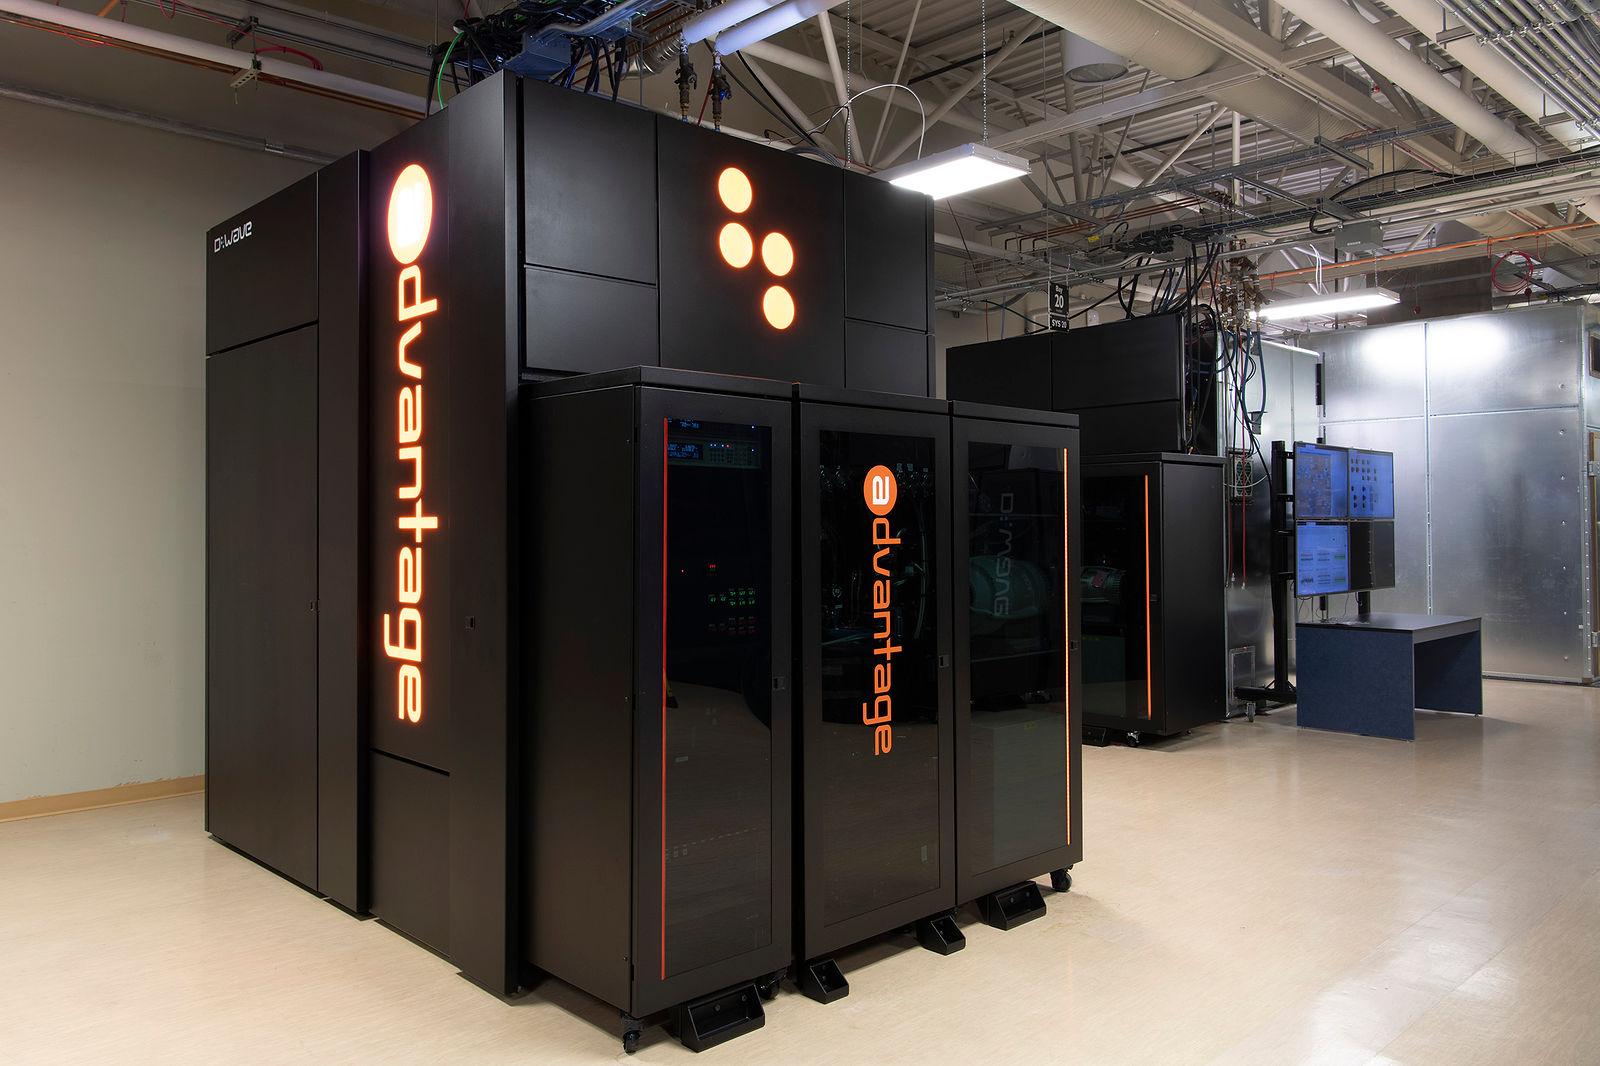 D-WAVE LAUNCHES ITS 5,000+ QUBIT ADVANTAGE SYSTEM – TECHCRUNCH